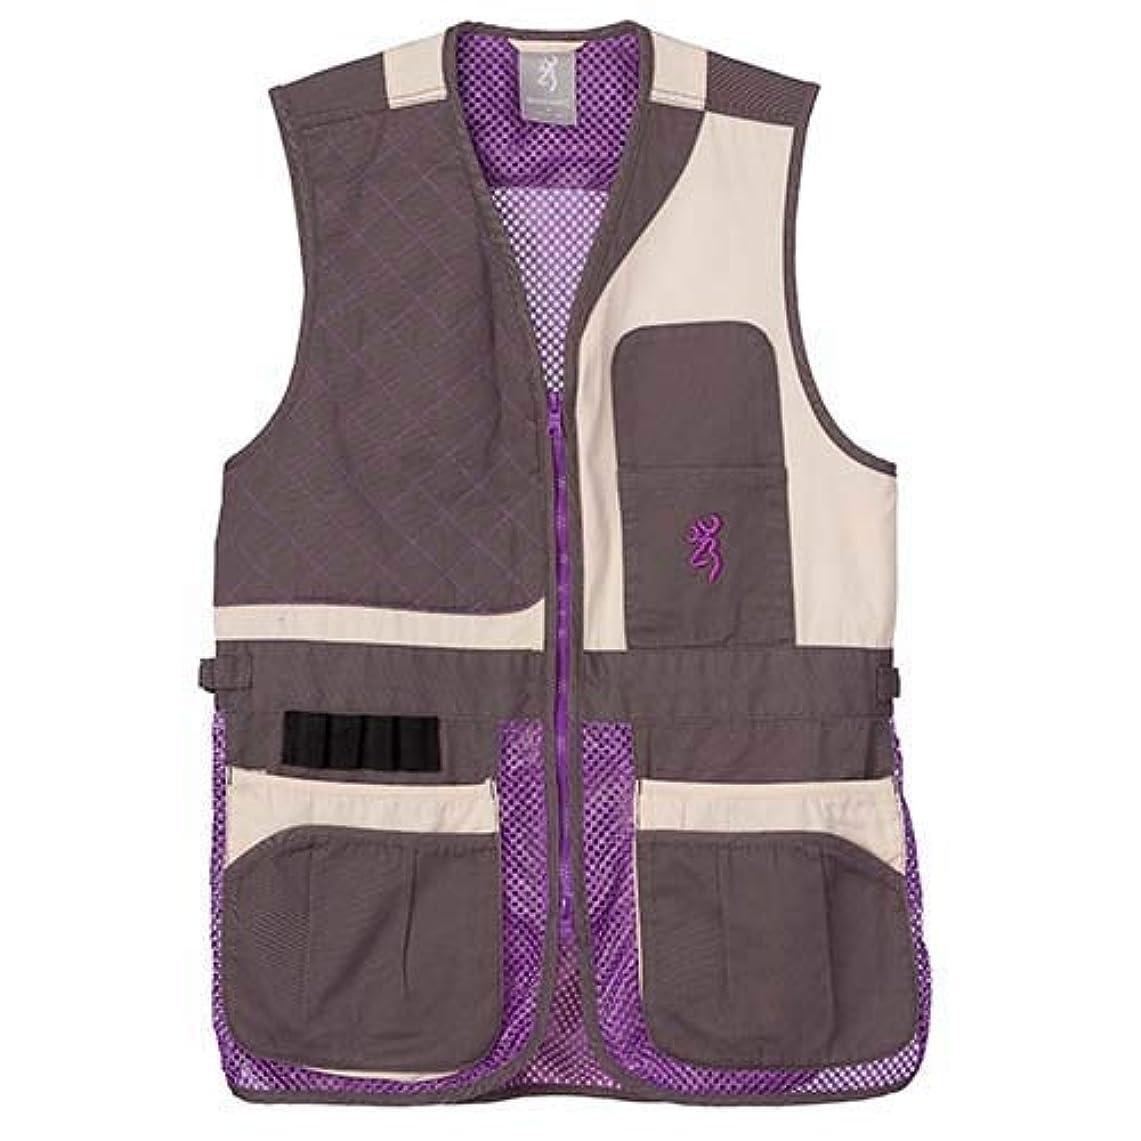 従順な正統派奴隷BrowningレディースTrapper CreekメッシュShooting vest-cream/Plum/グレー